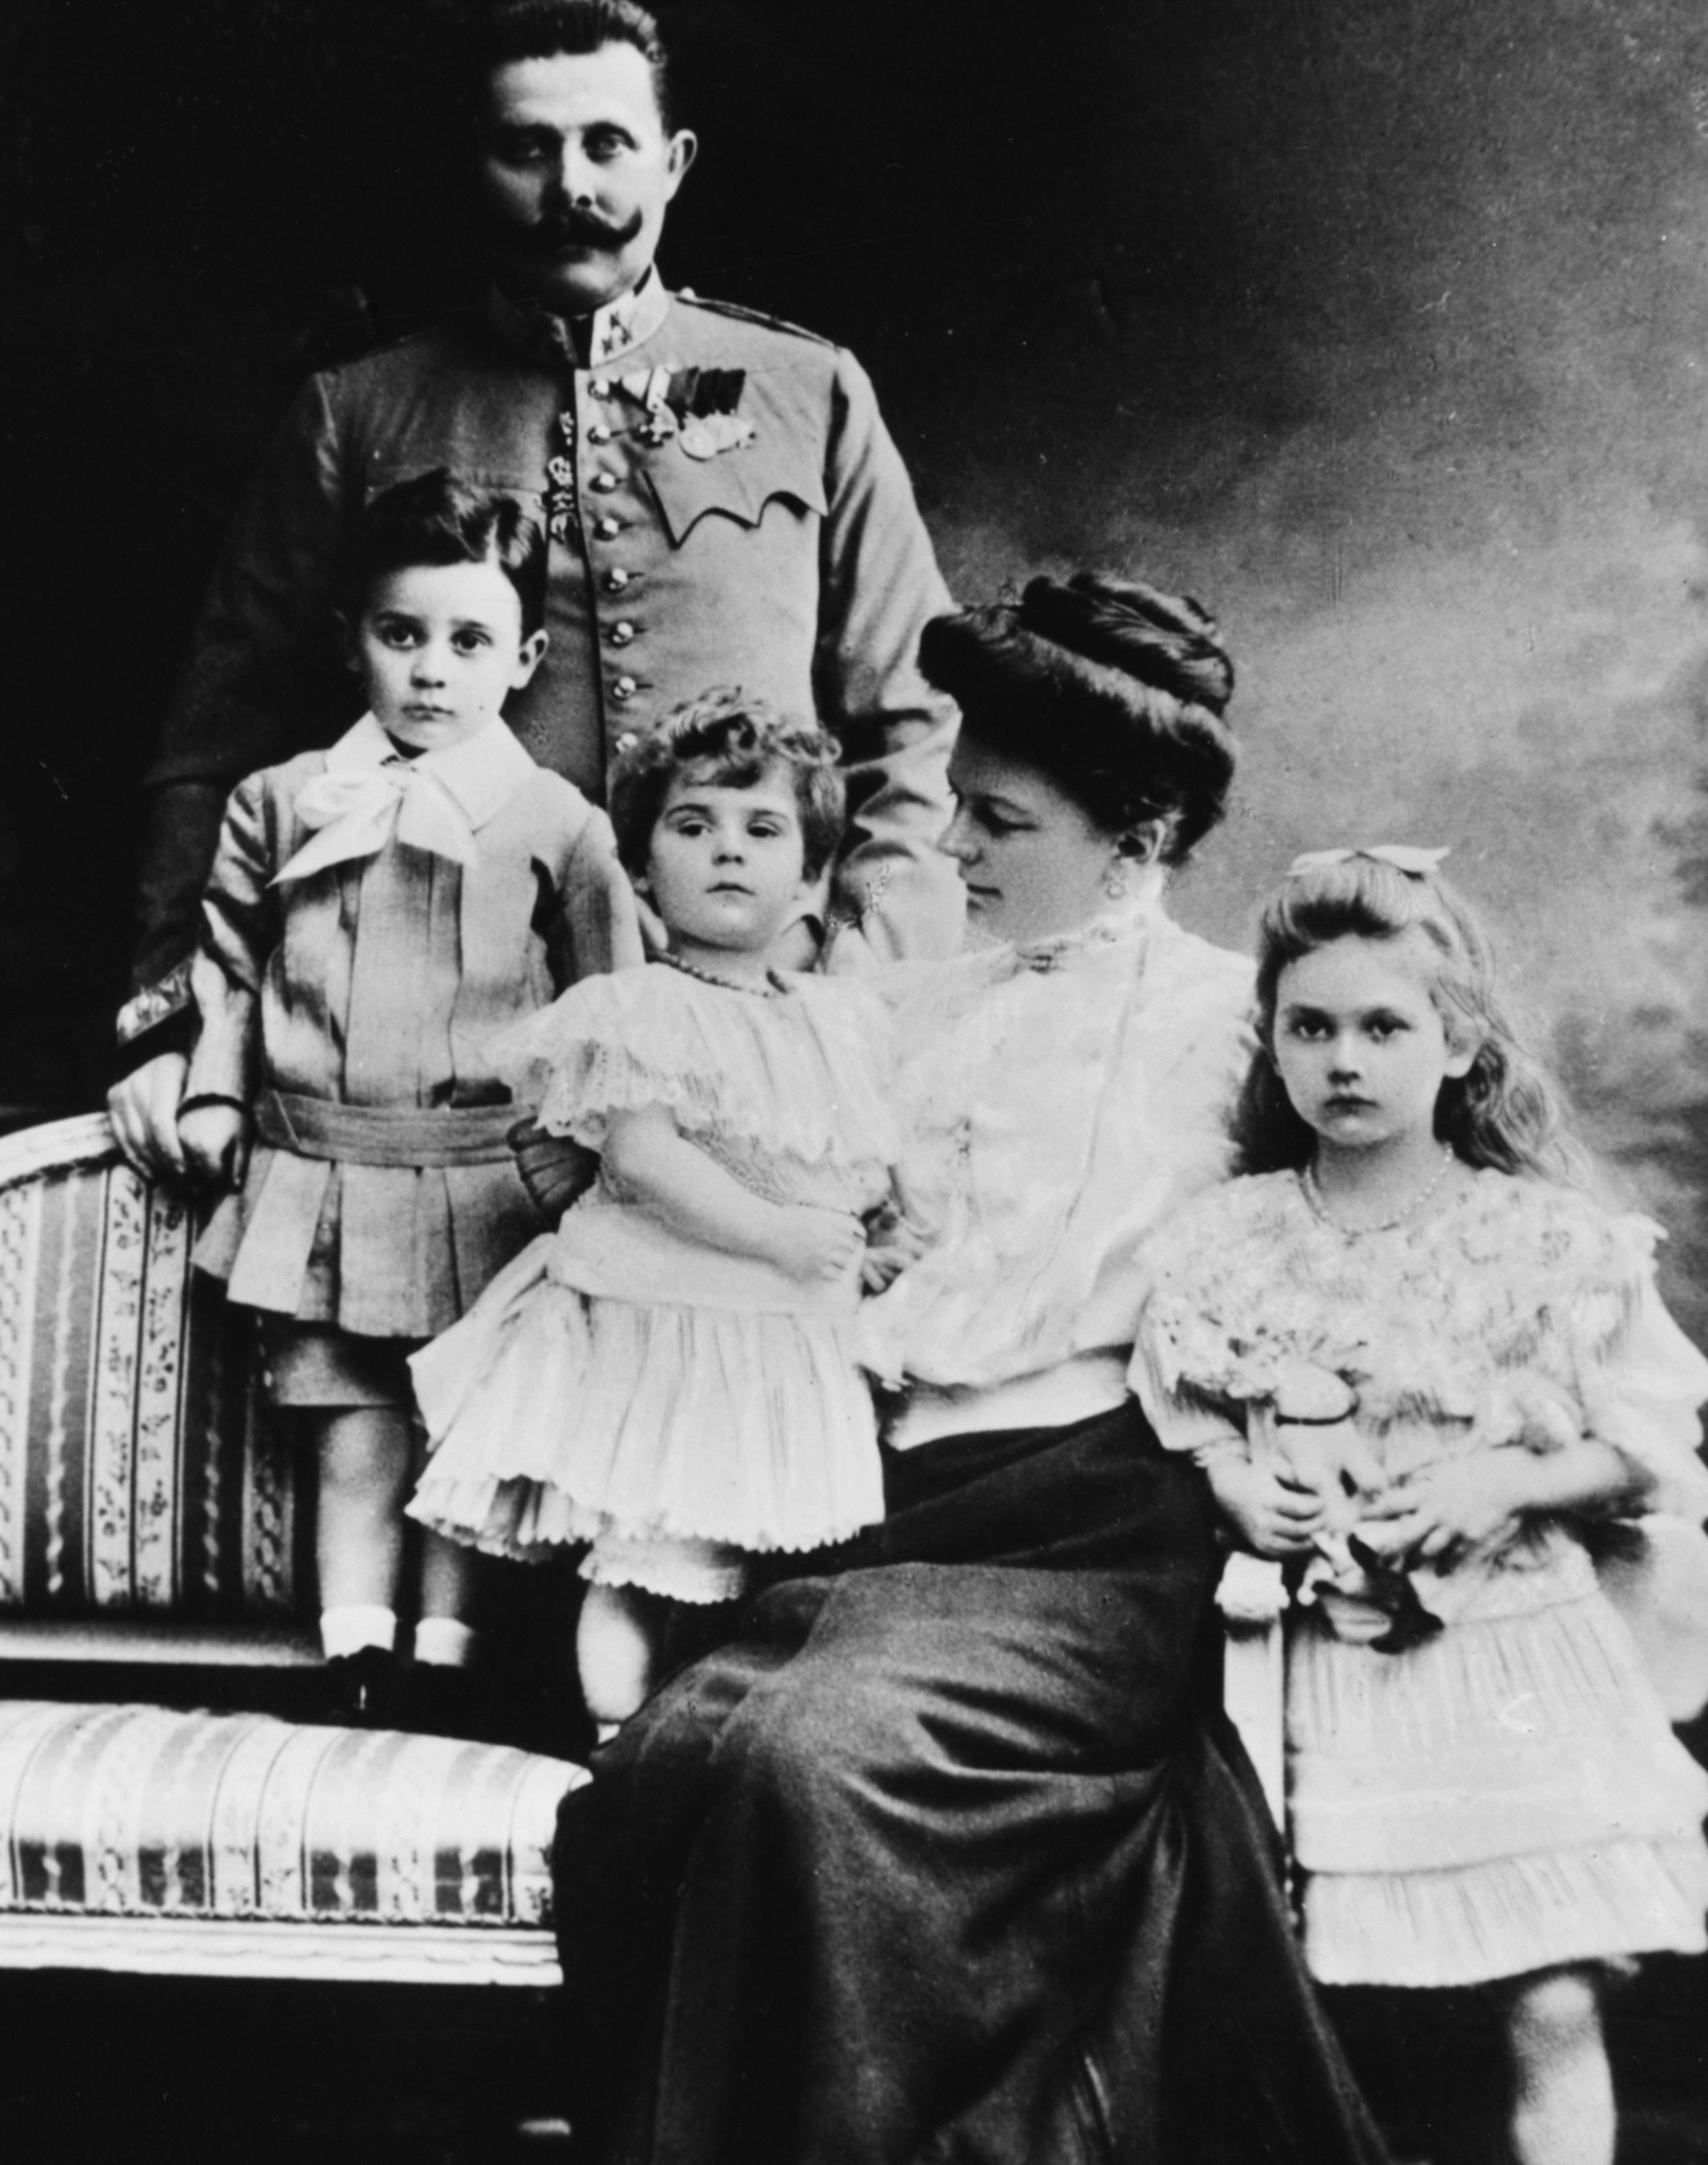 Ерцхерцог Франц Фердинанд и съпругата му<br /> <br /> Убийството на ерцхерцог Франц Фердинанд е изстрелът, който поставя началото на катастрофа. Като почти директен резултат от смъртта на един човек, започва Първата световна война, сложен е край на империи, над 30 млн. души умират.<br /> <br /> Франц Фердинанд е убит от Гаврило Принцип, сръбски националист, борещ се за независимост. Нацията му е анексирана от австро-унгарската империя през 1908 г. Когато Фердинанд, наследникът на трона на врага му, минава през Сараево на 28 юни 1914 г., Принцип и неговите съучастници се възползват от възможността за отмъщение.